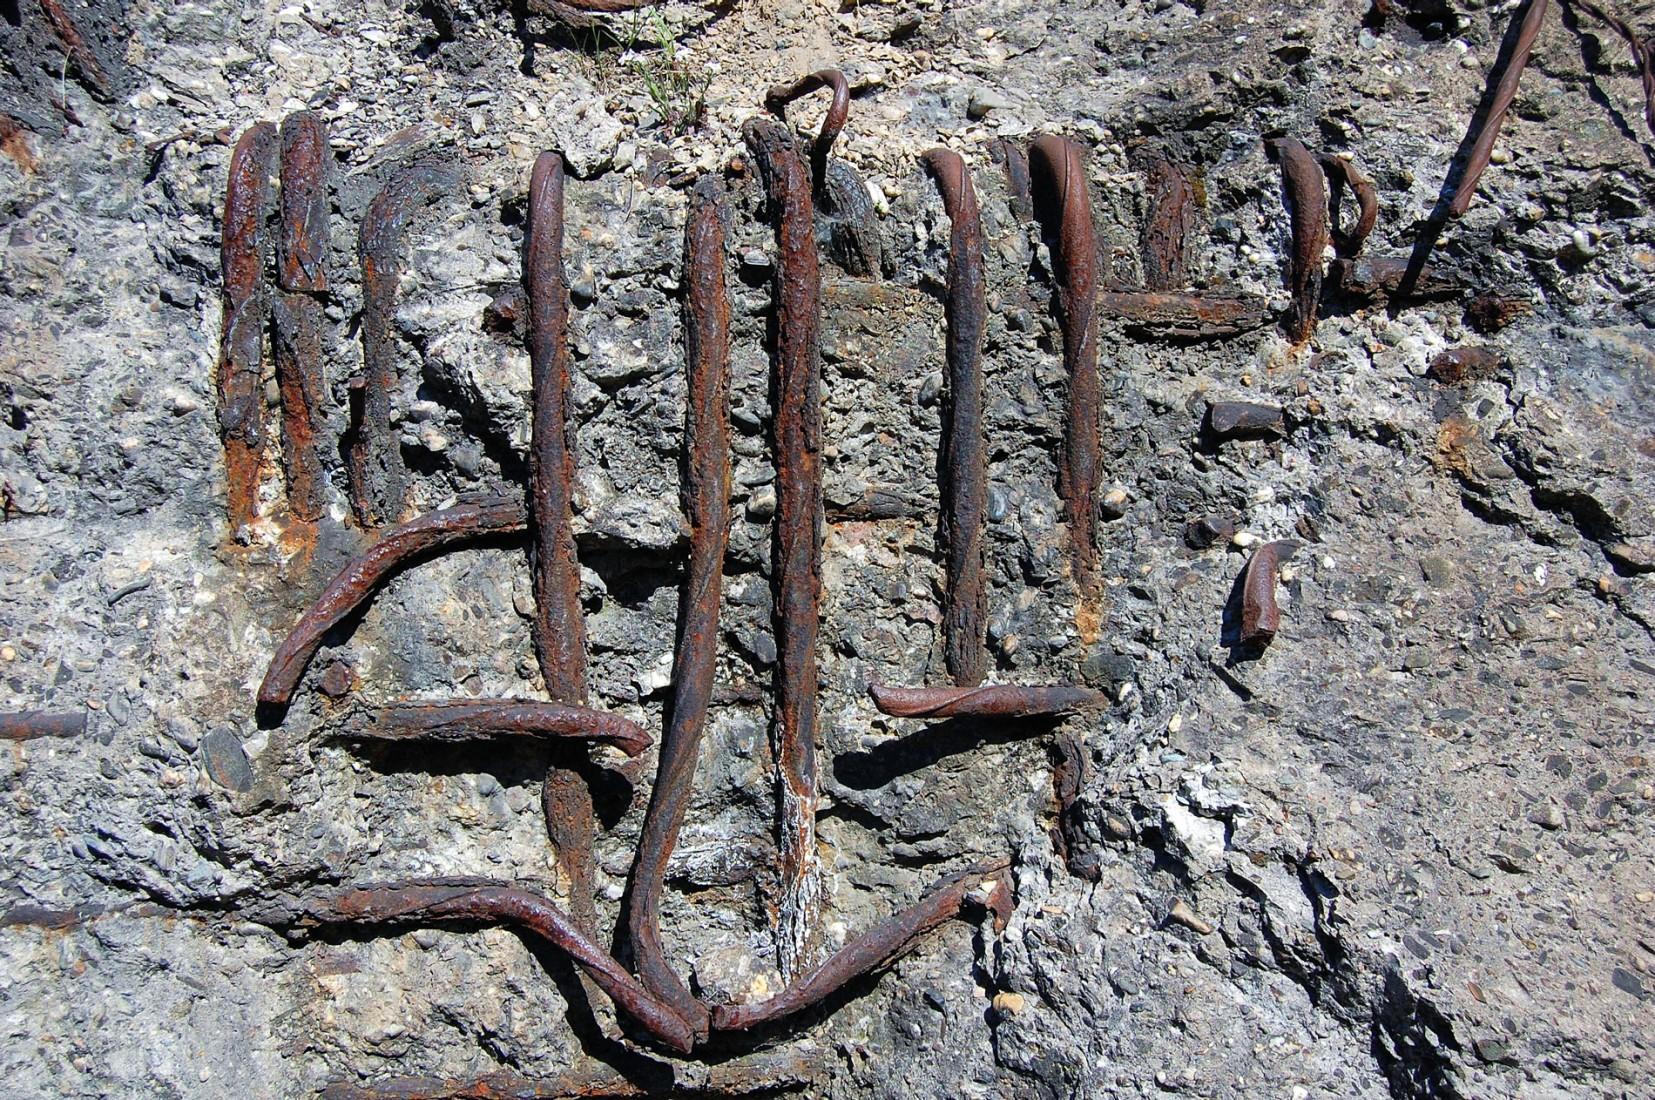 Carbonatisierung führt irgendwann zu Betonabplatzungen. Foto: Thomas Max Müller / www.pixelio.de